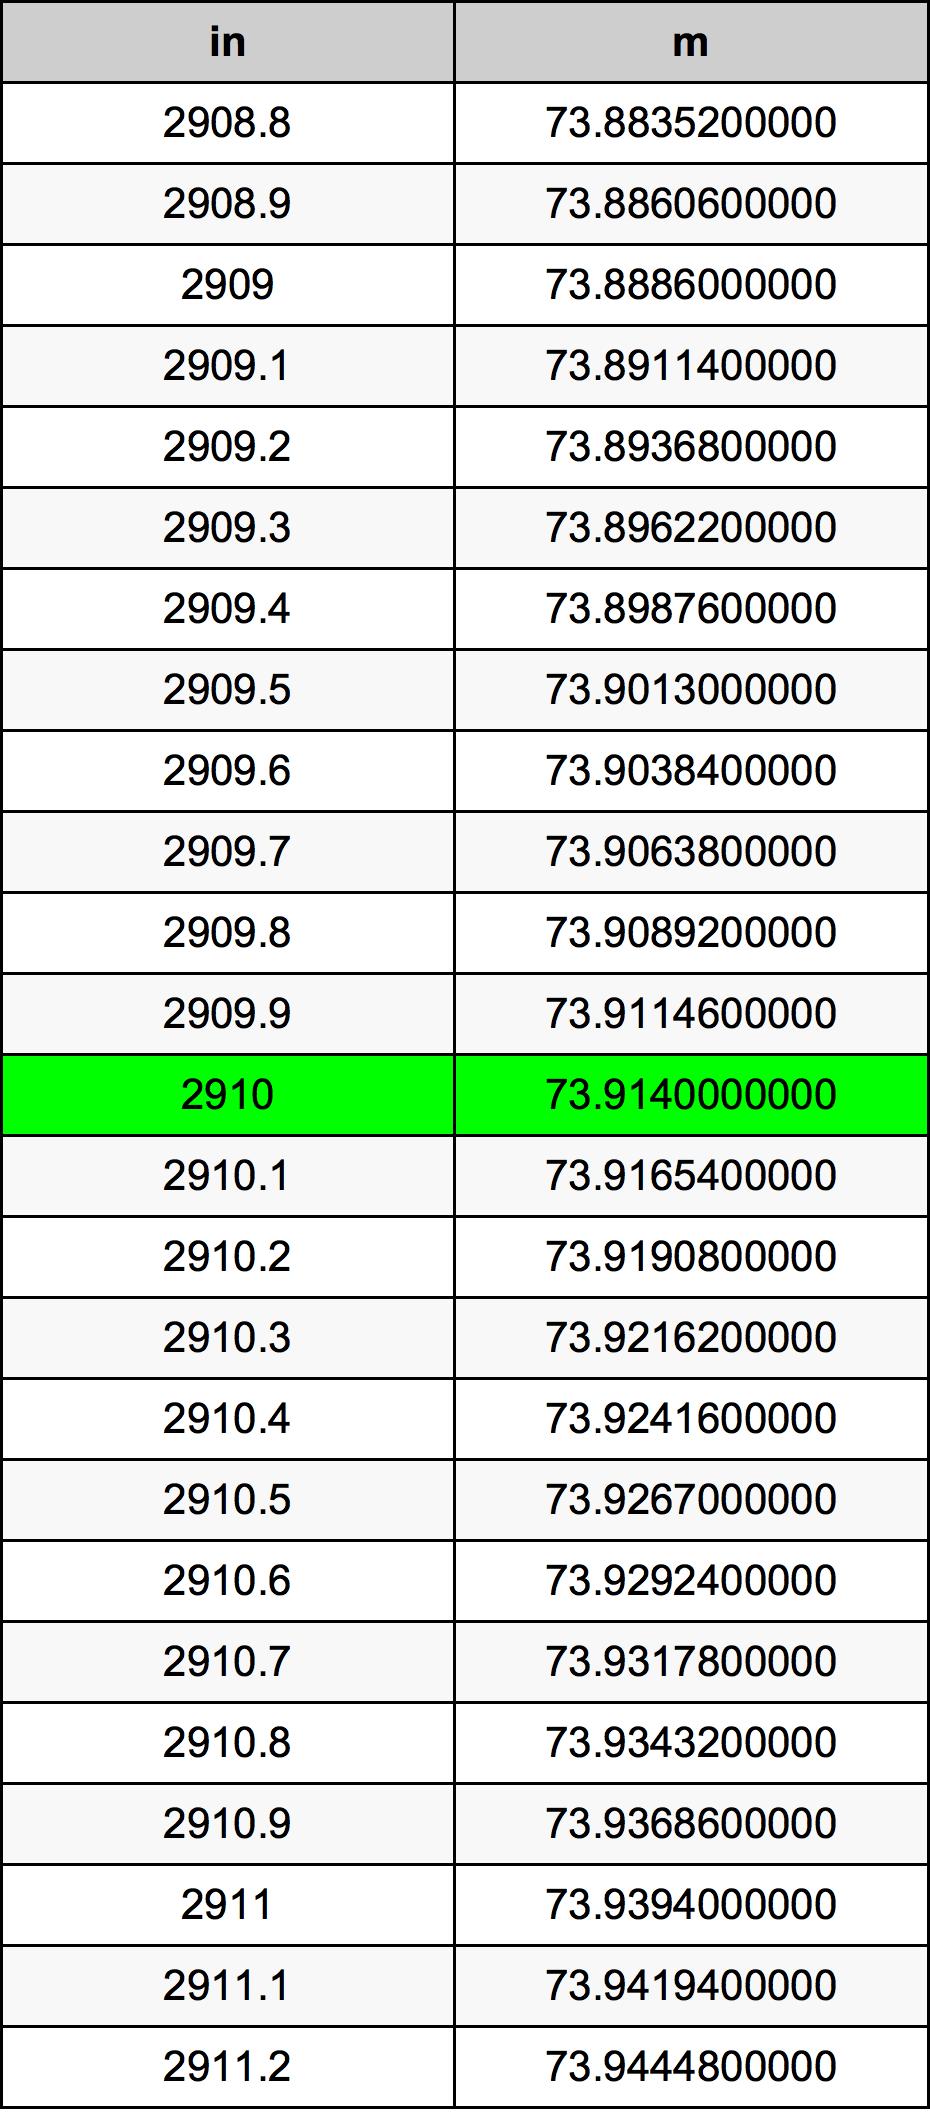 2910 Pulgada Tabla de conversión